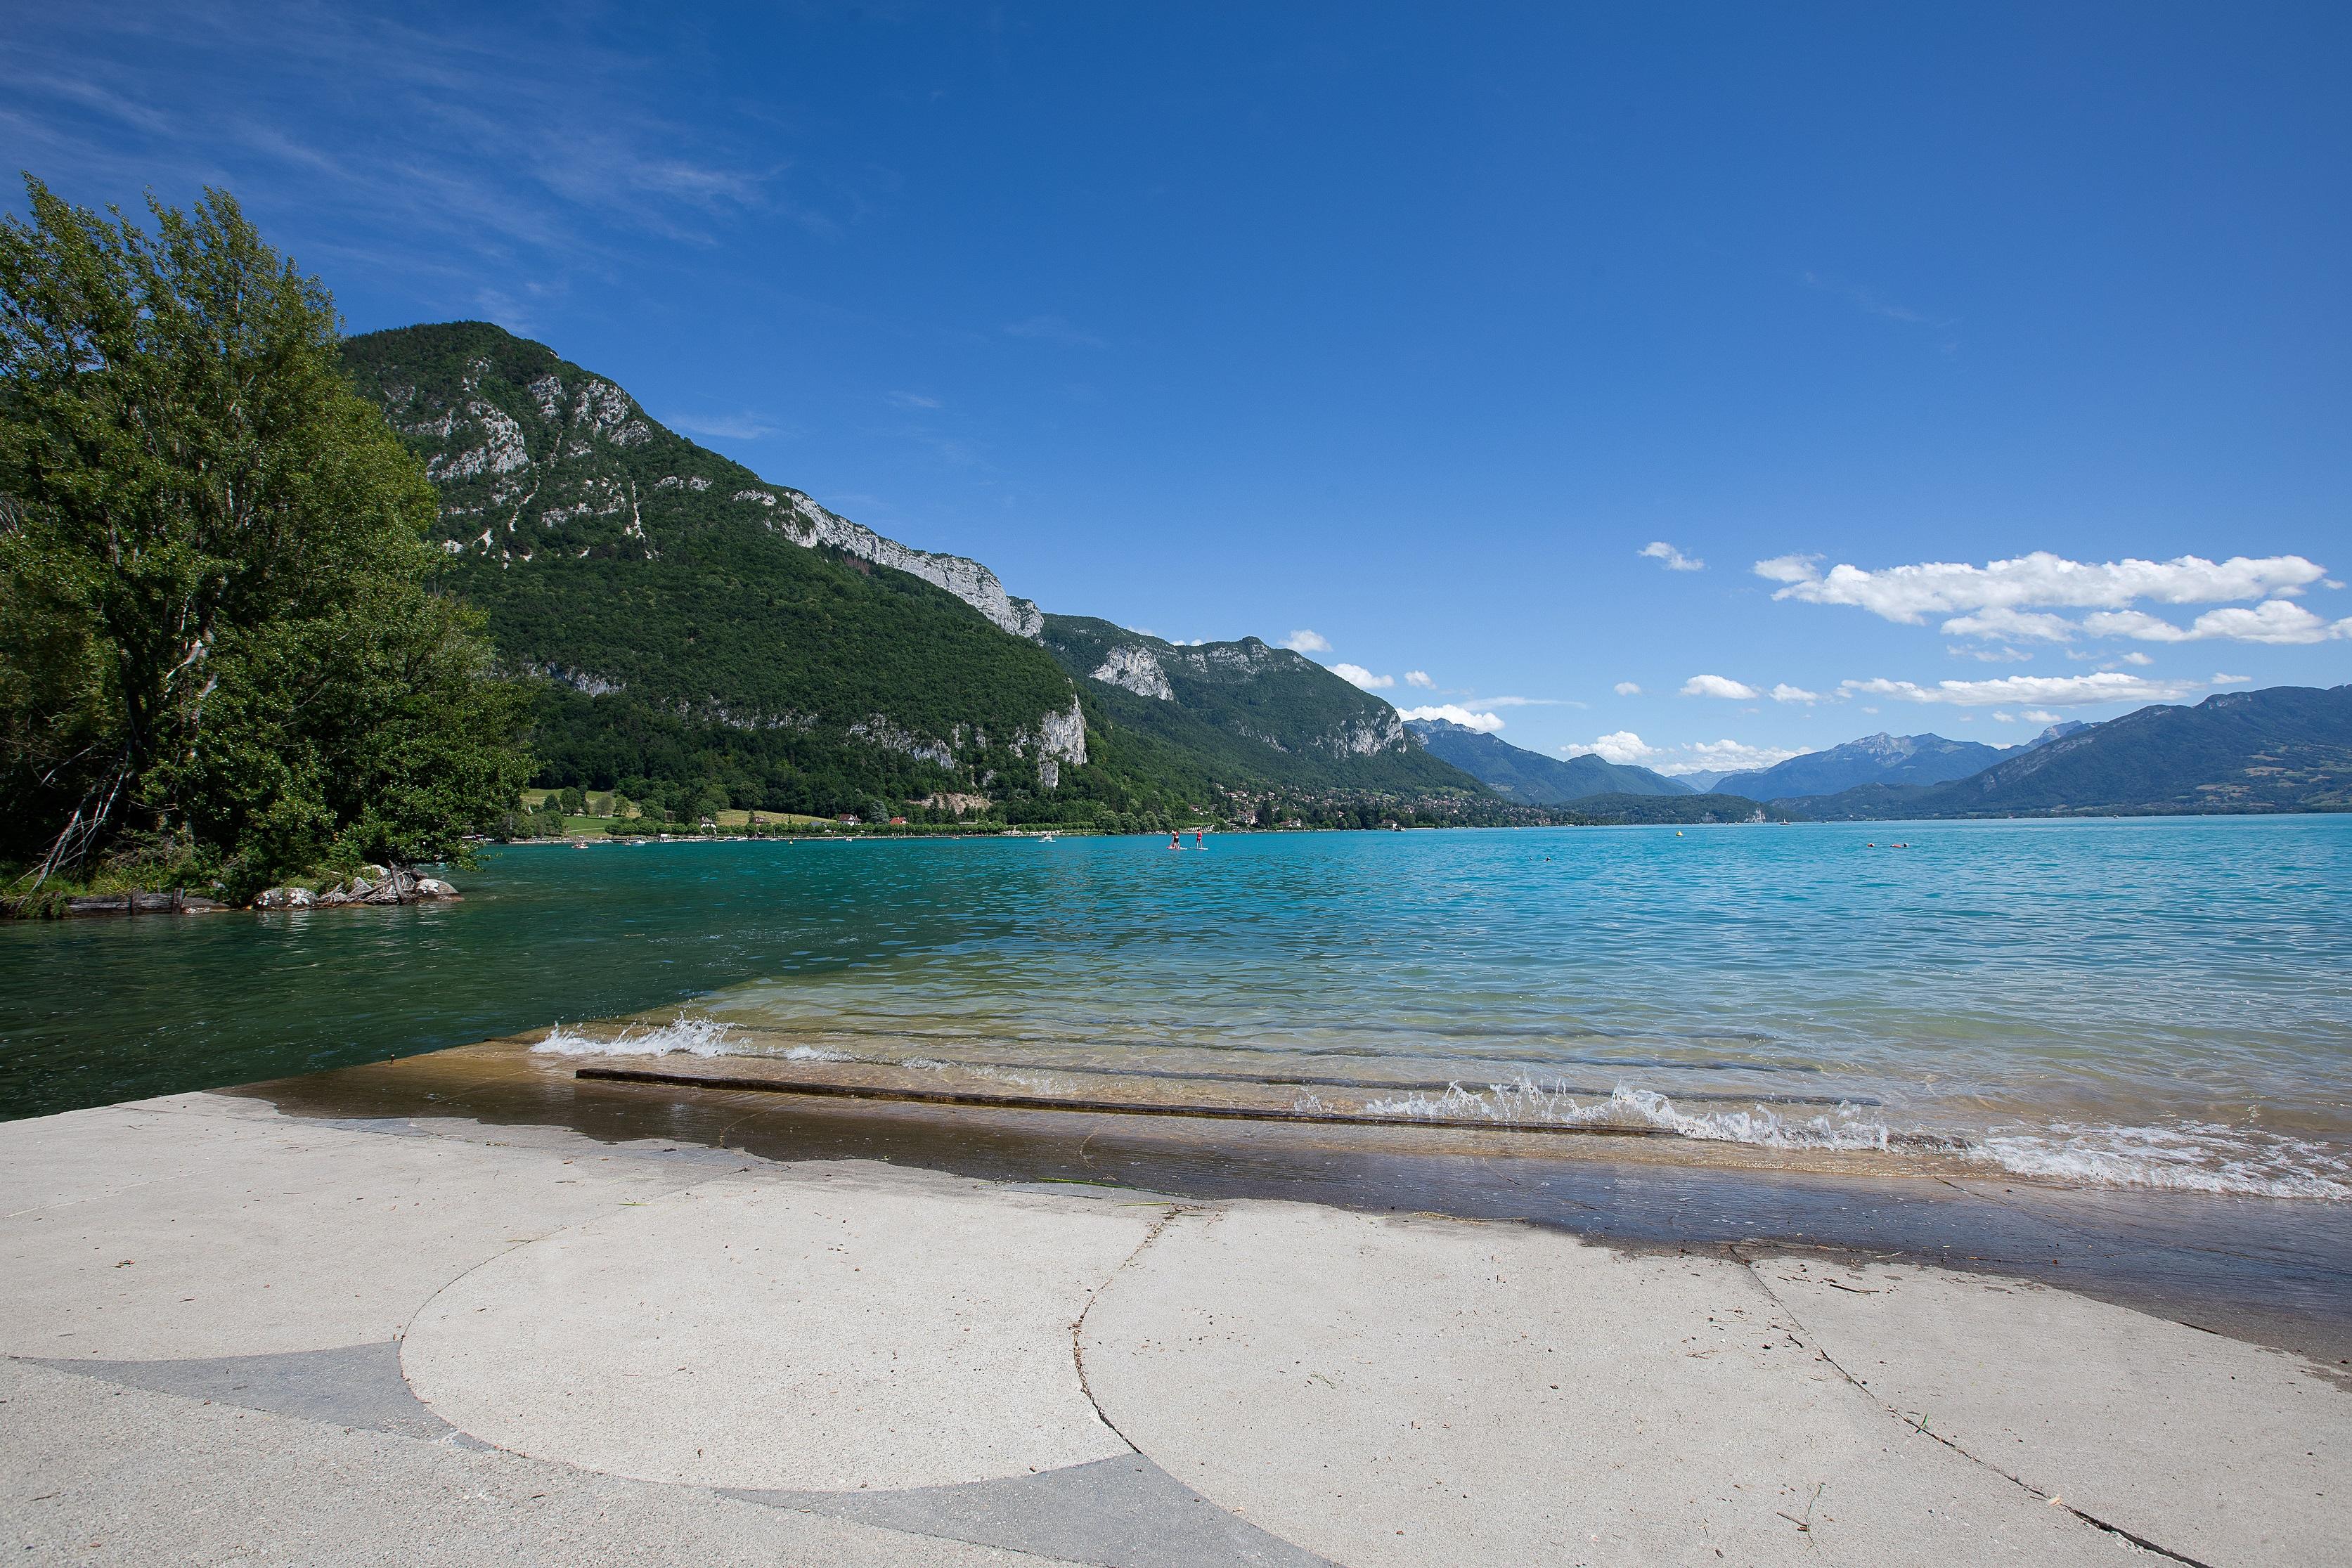 Lac d'Annecy et plage d'Albigny à proximité du lac d'Annecy